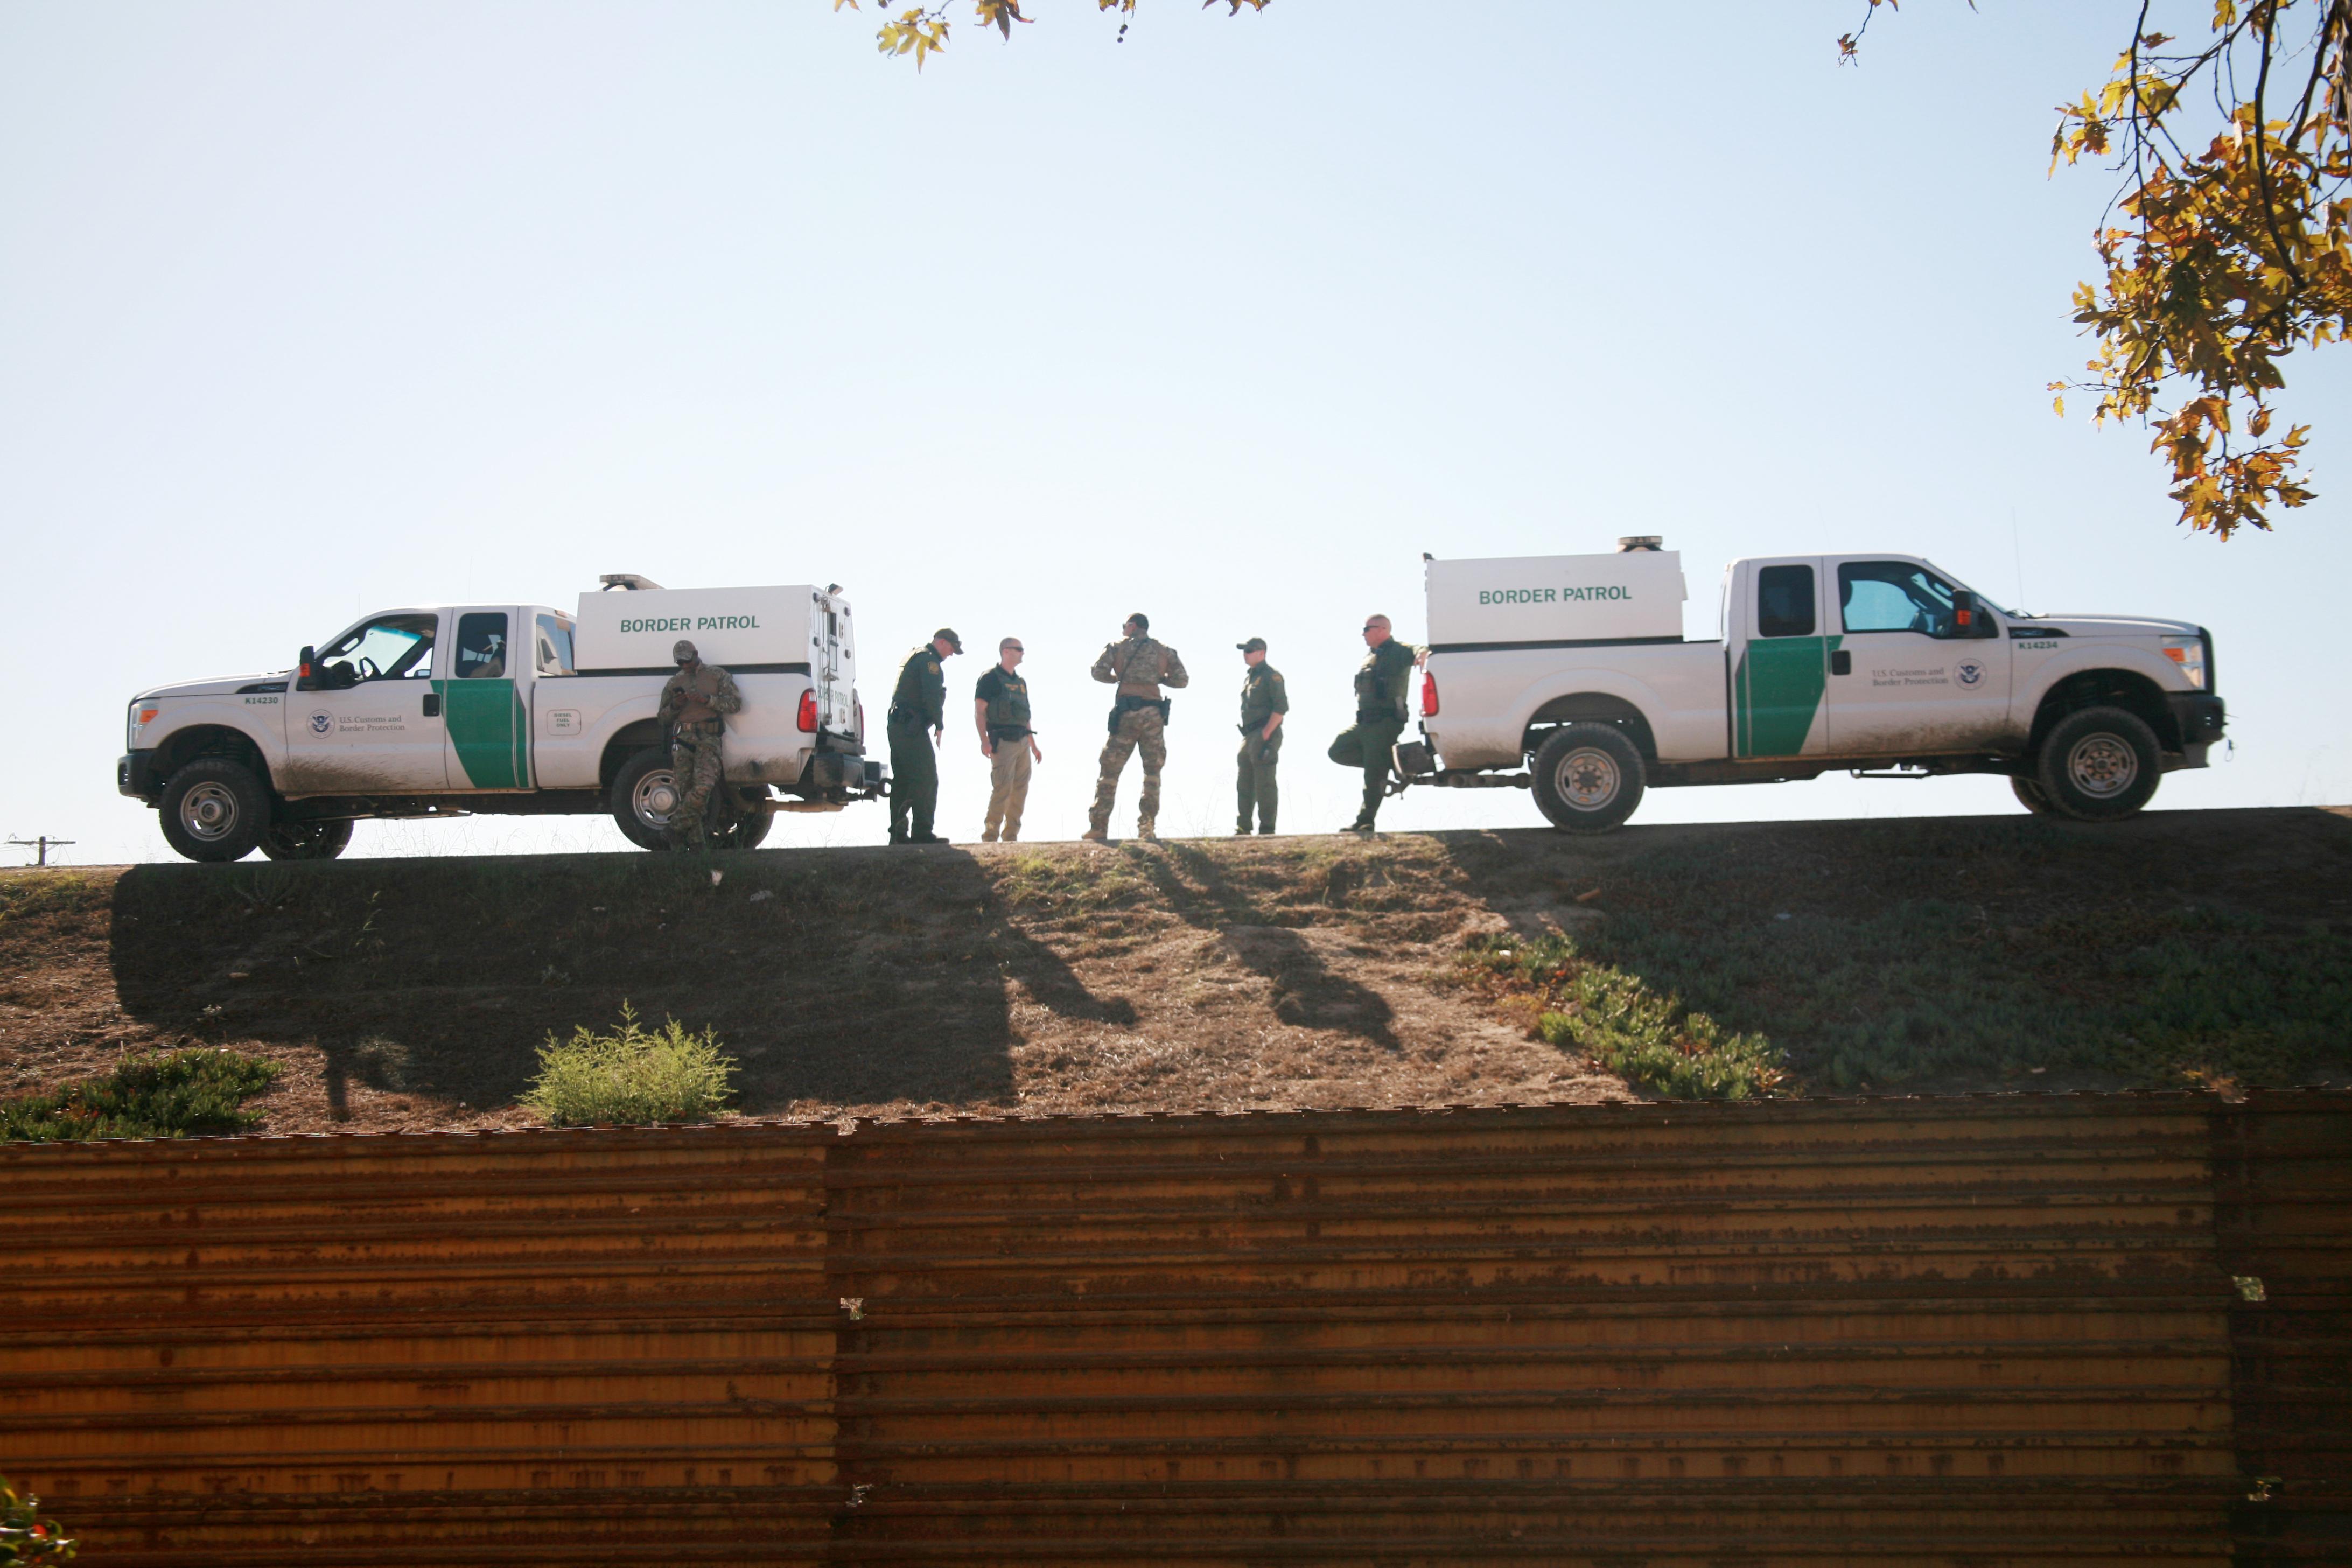 Border Patrol Car. Shutterstock